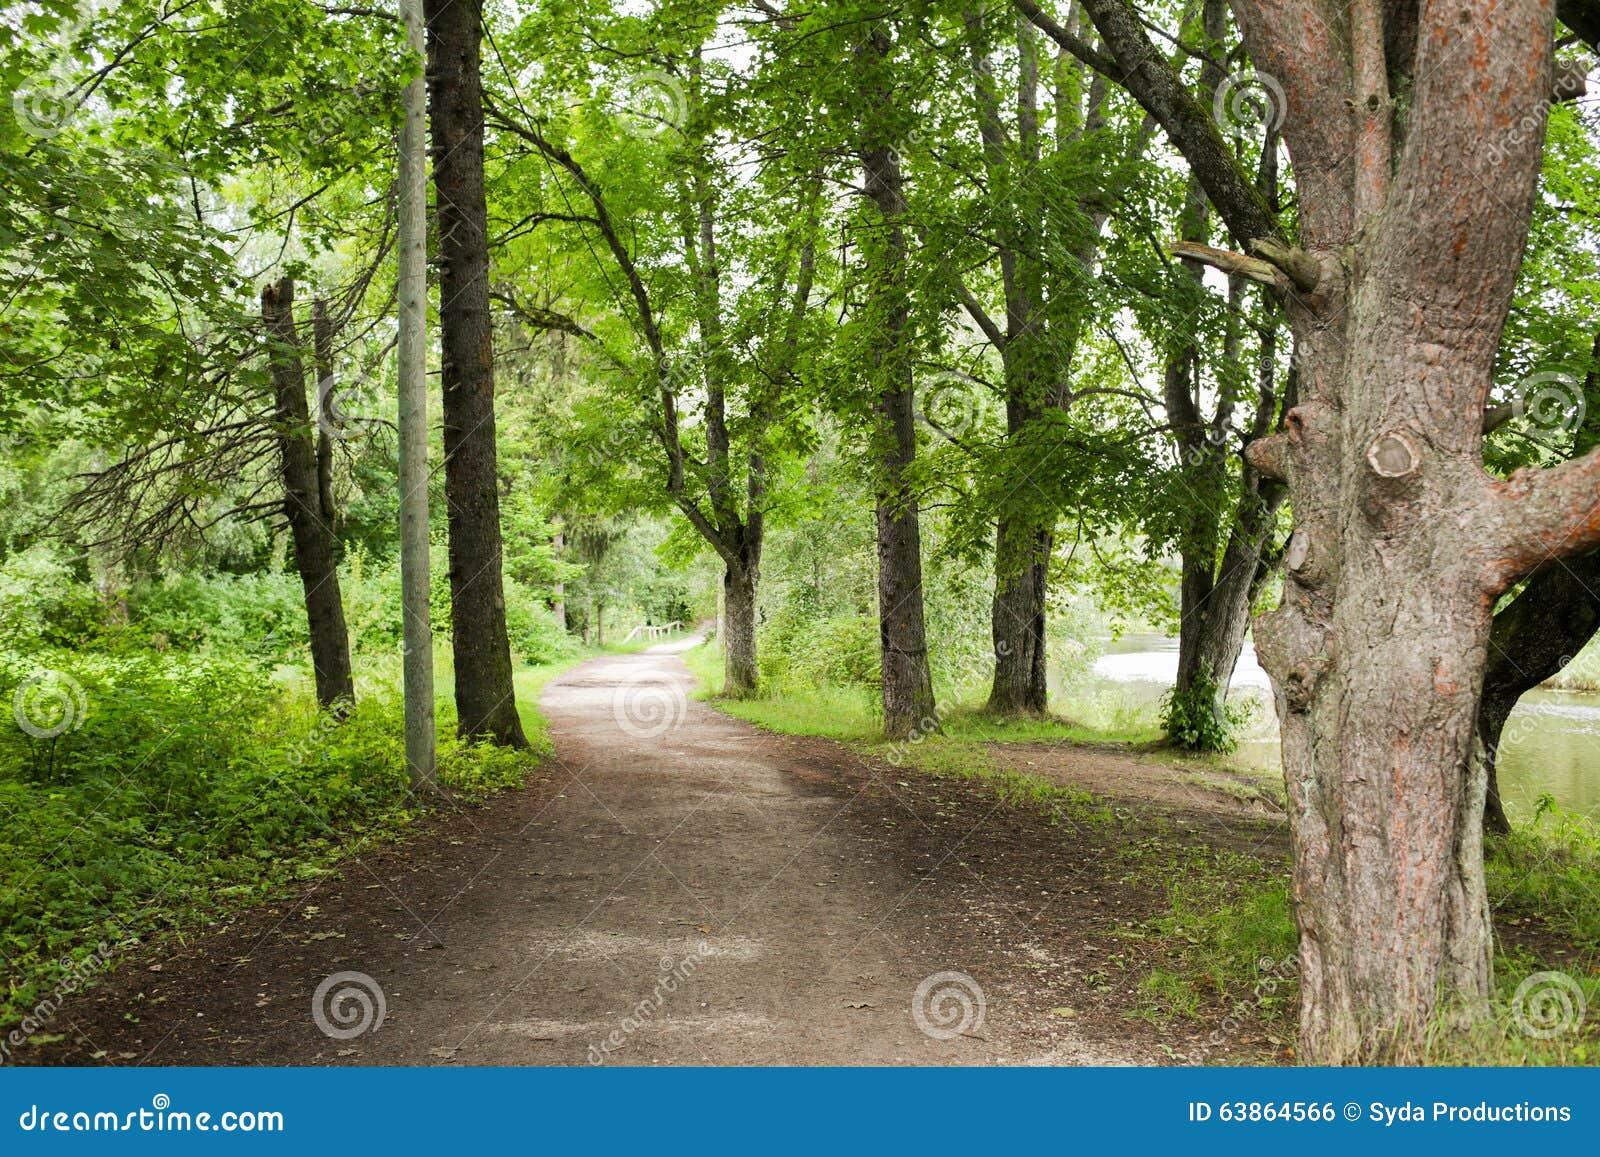 自然,季节和环境概念-夏天森林和道路.图片